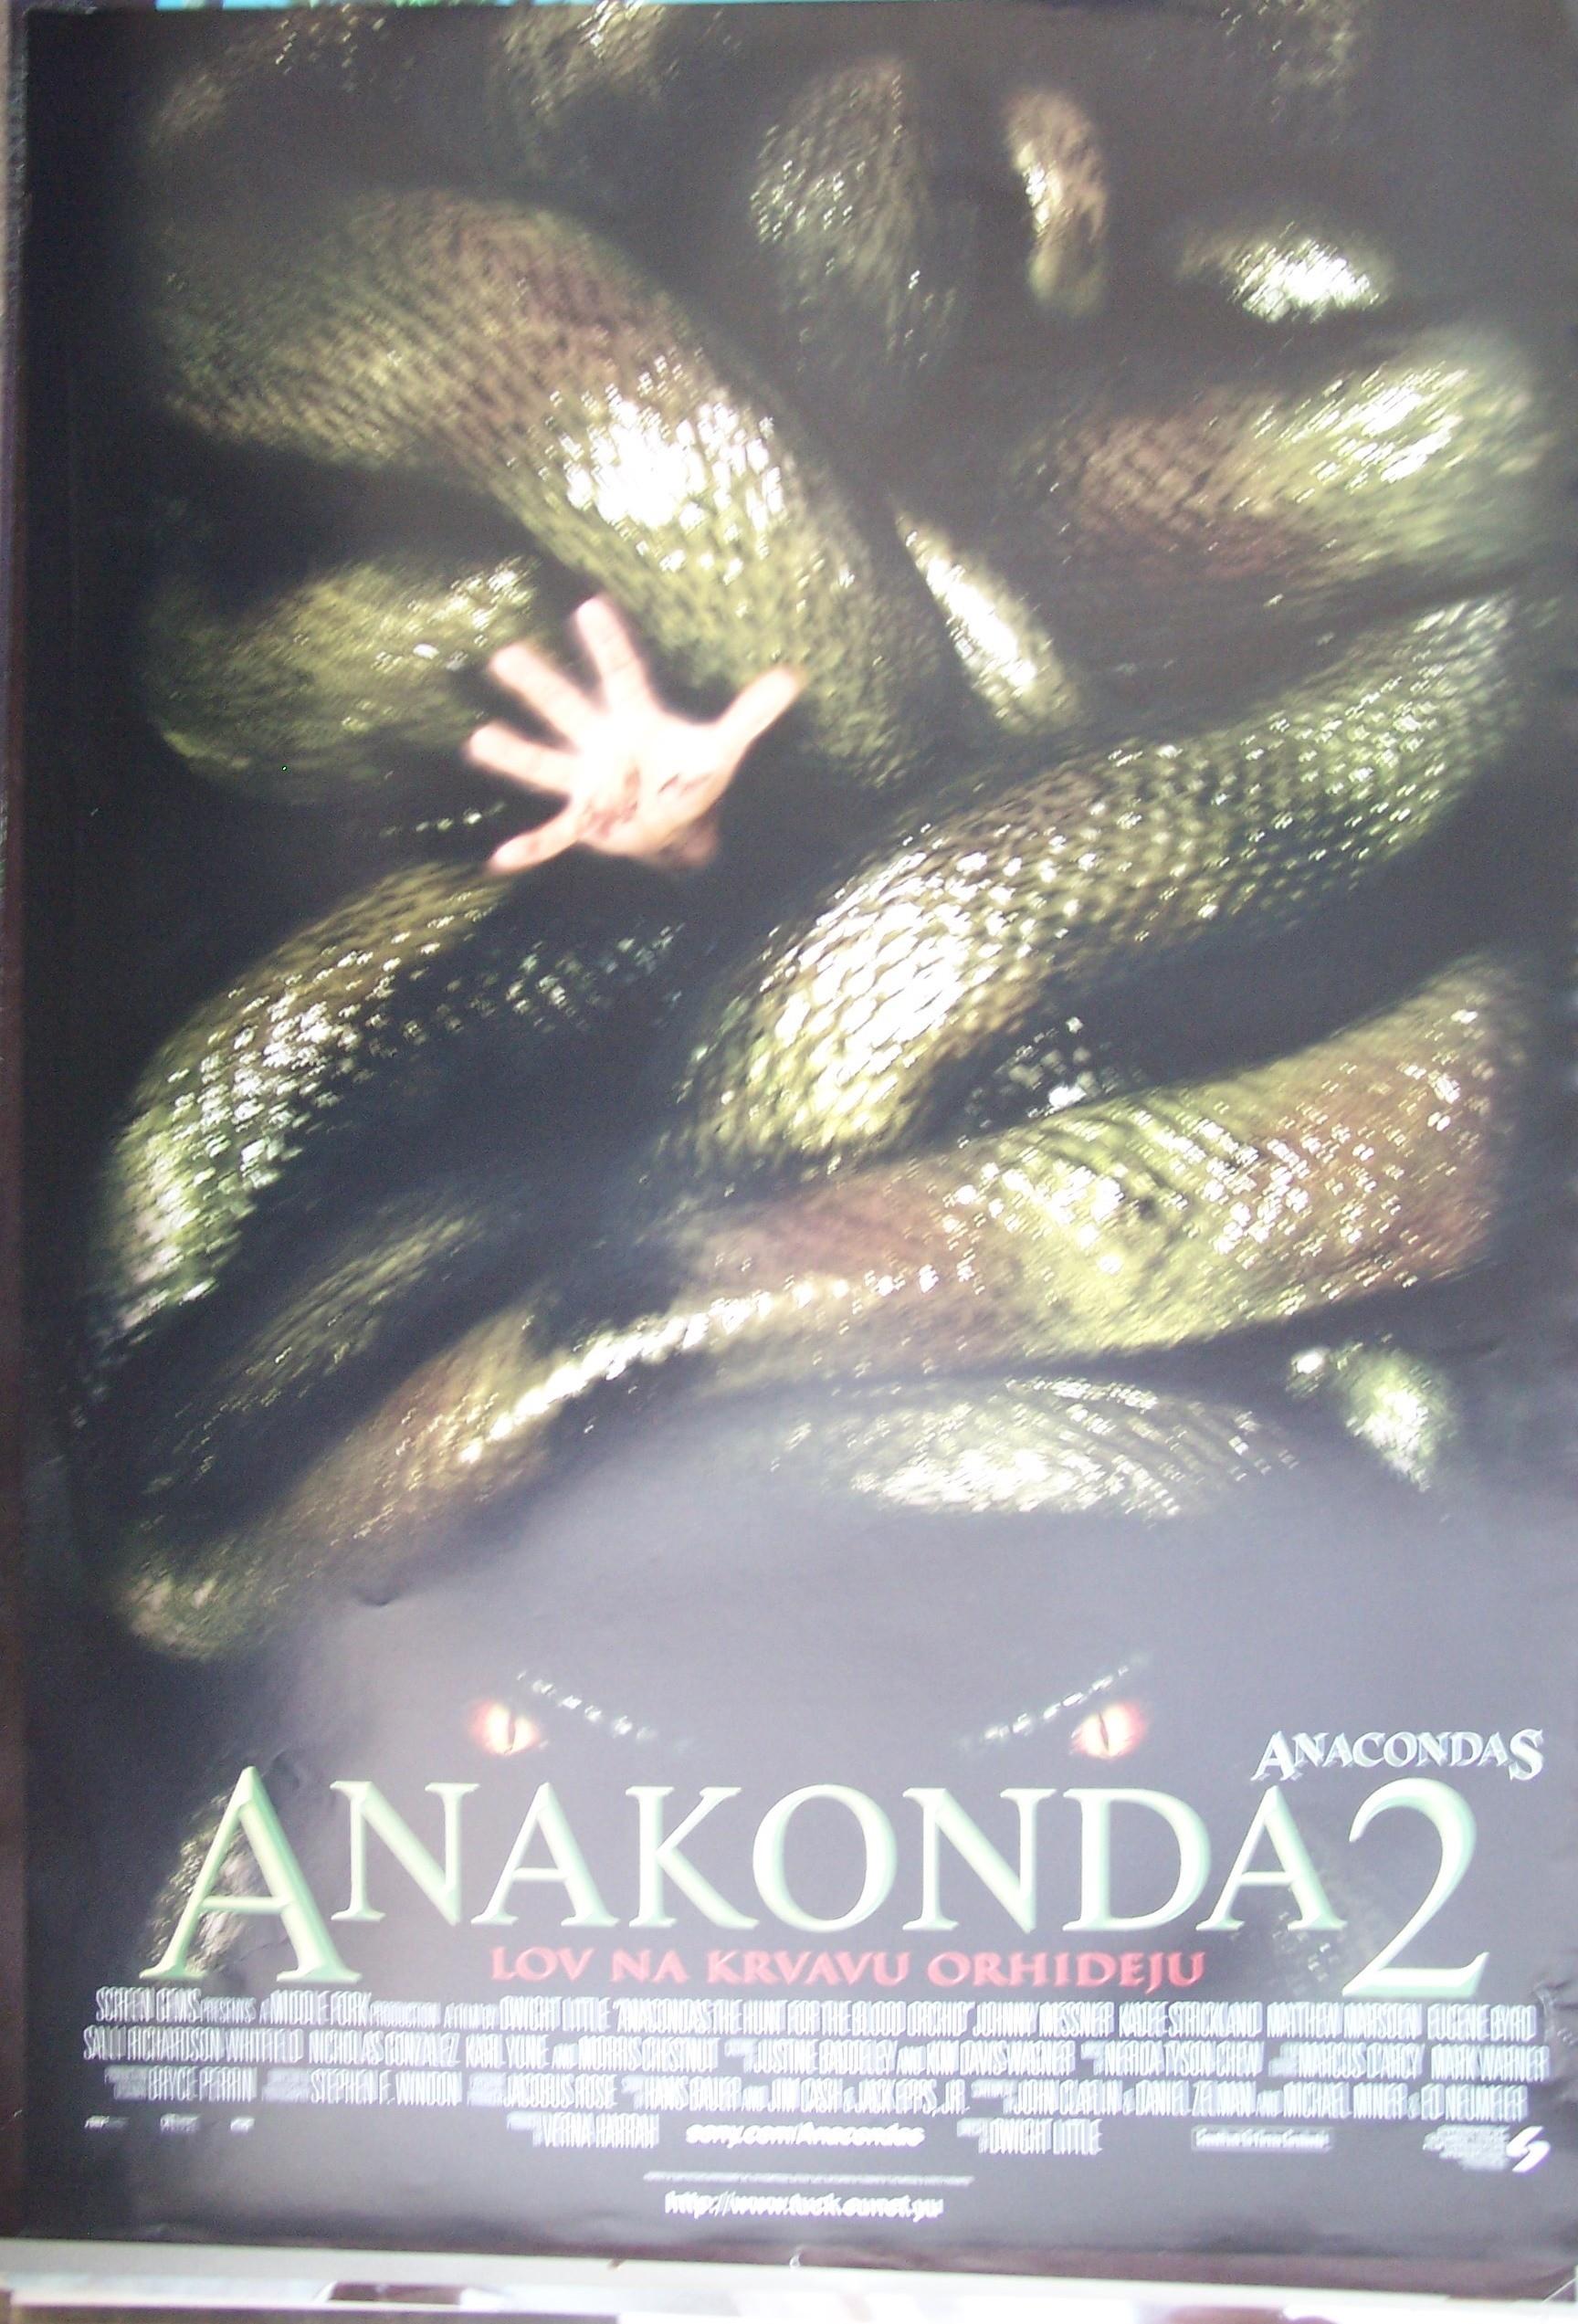 Anakonda 2